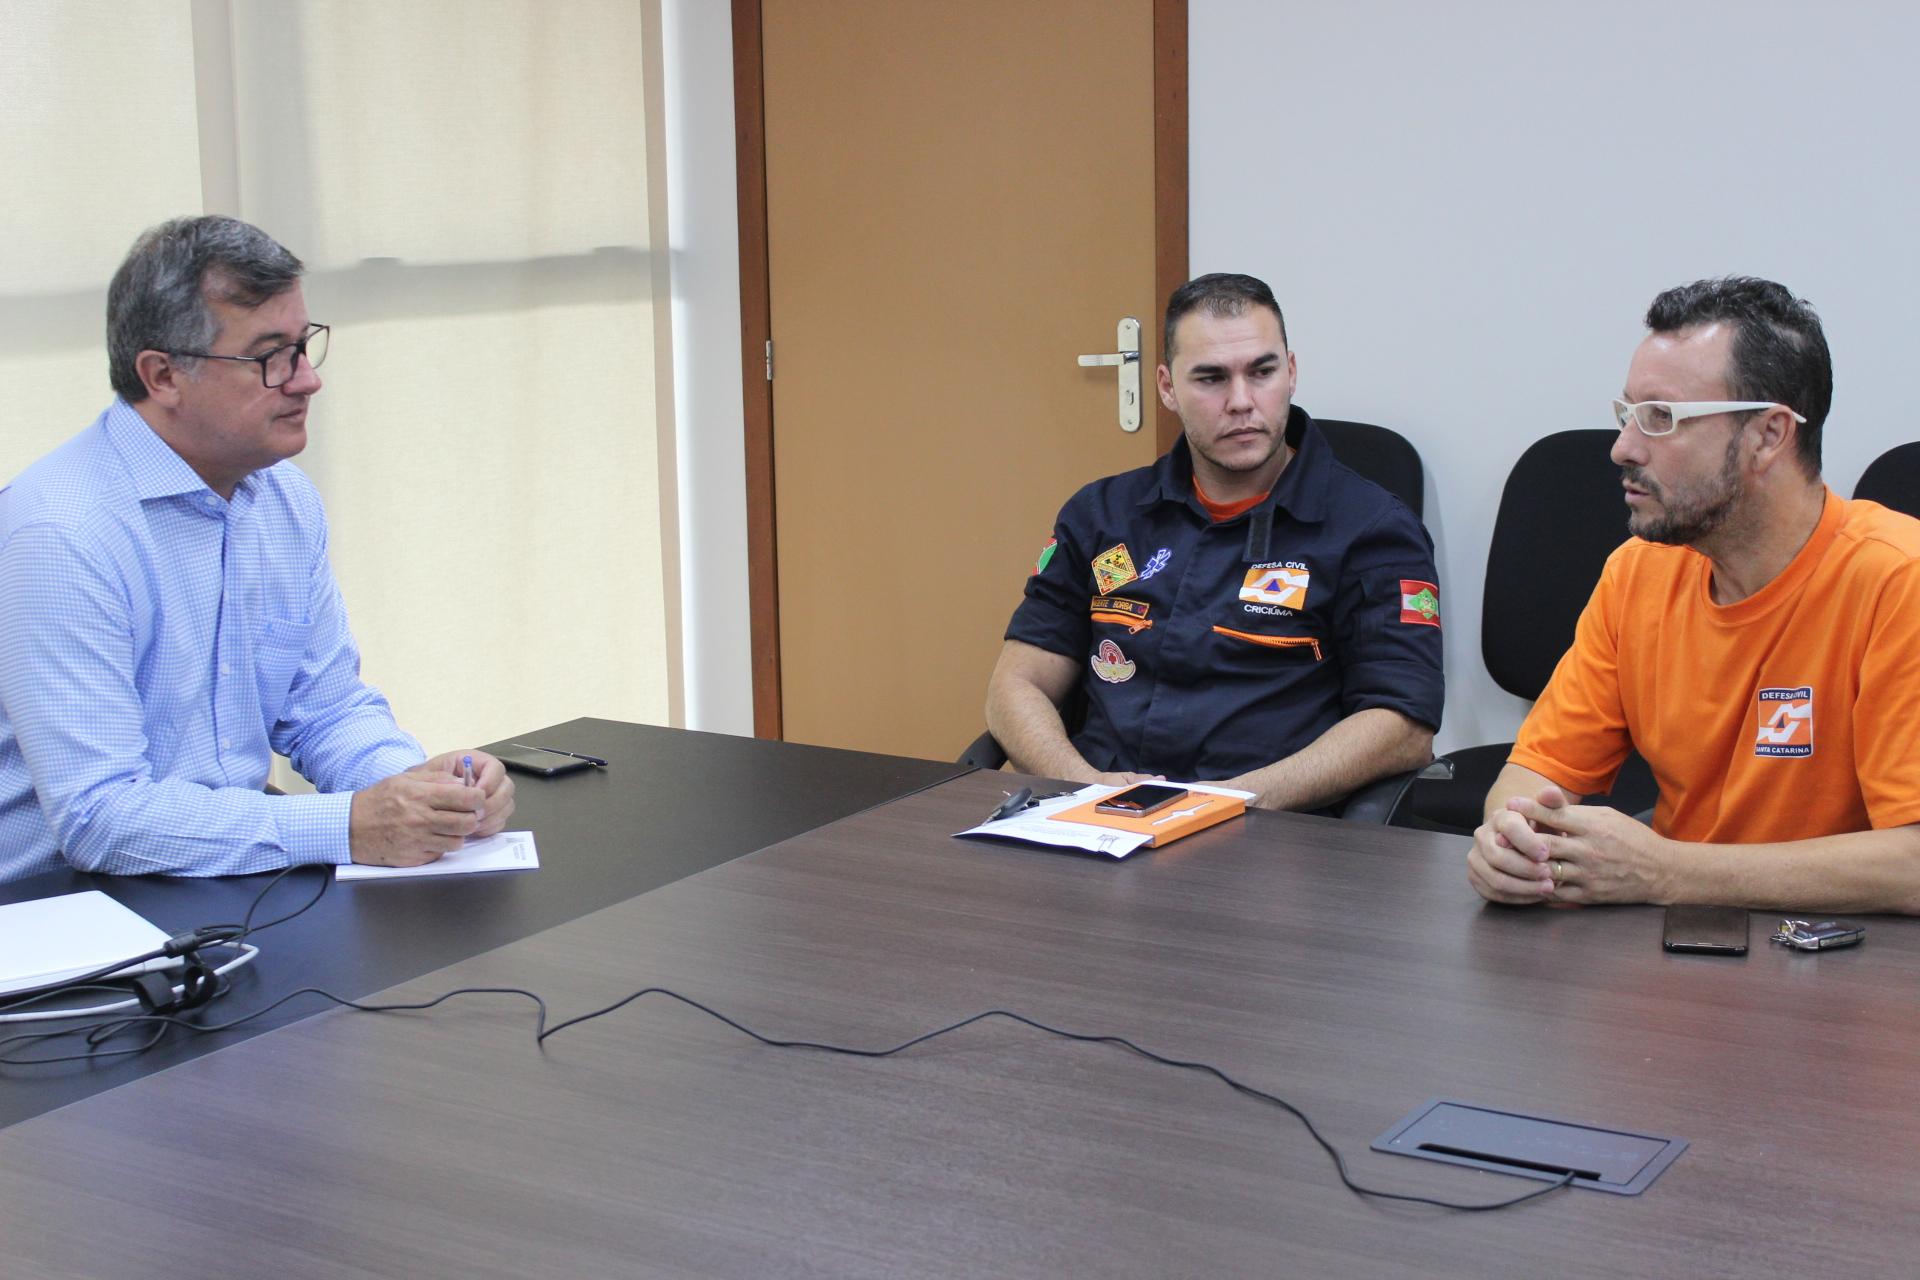 Prefeitura Municipal de Criciúma - Torre de comunicação integrada entre Corpo de Bombeiros Militar e Defesa Civil será inaugurada em fevereiro